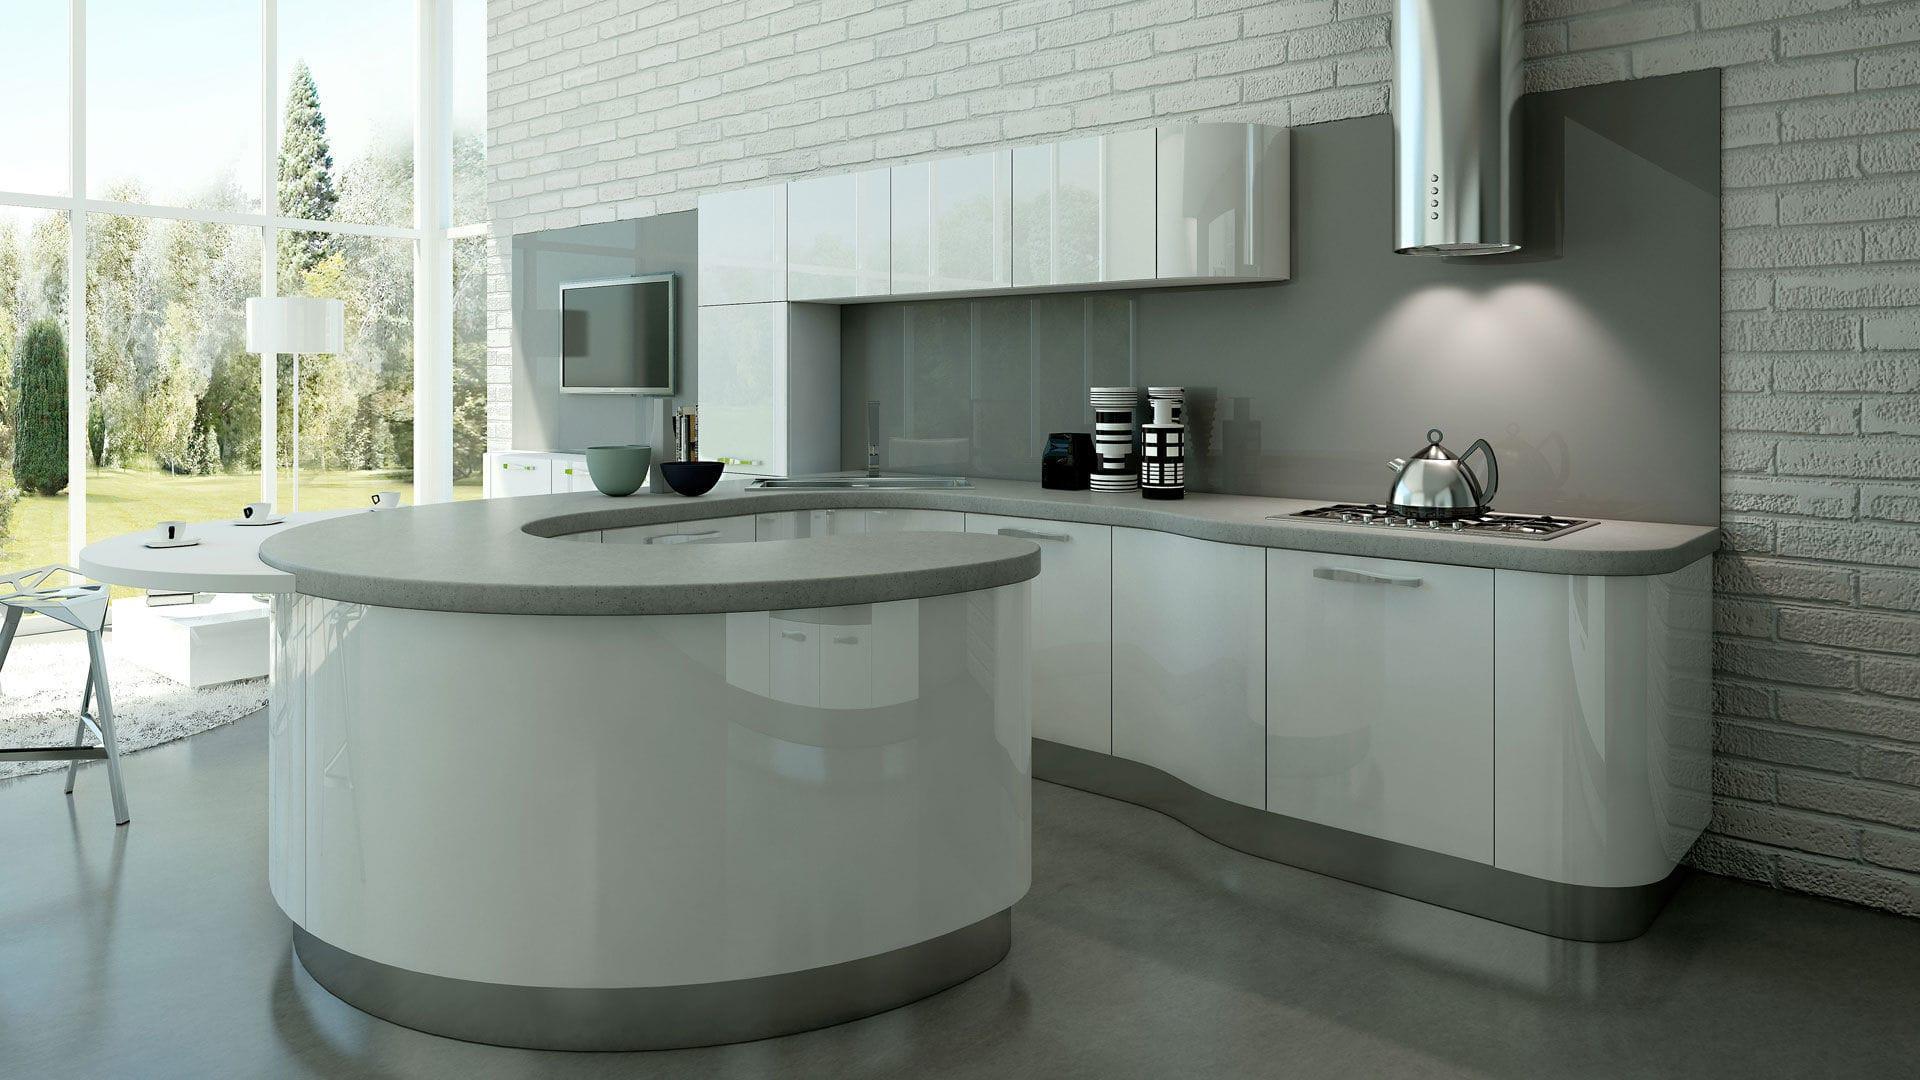 Cucina Moderna Con Isola Piccola : Cucina moderna con isola ...